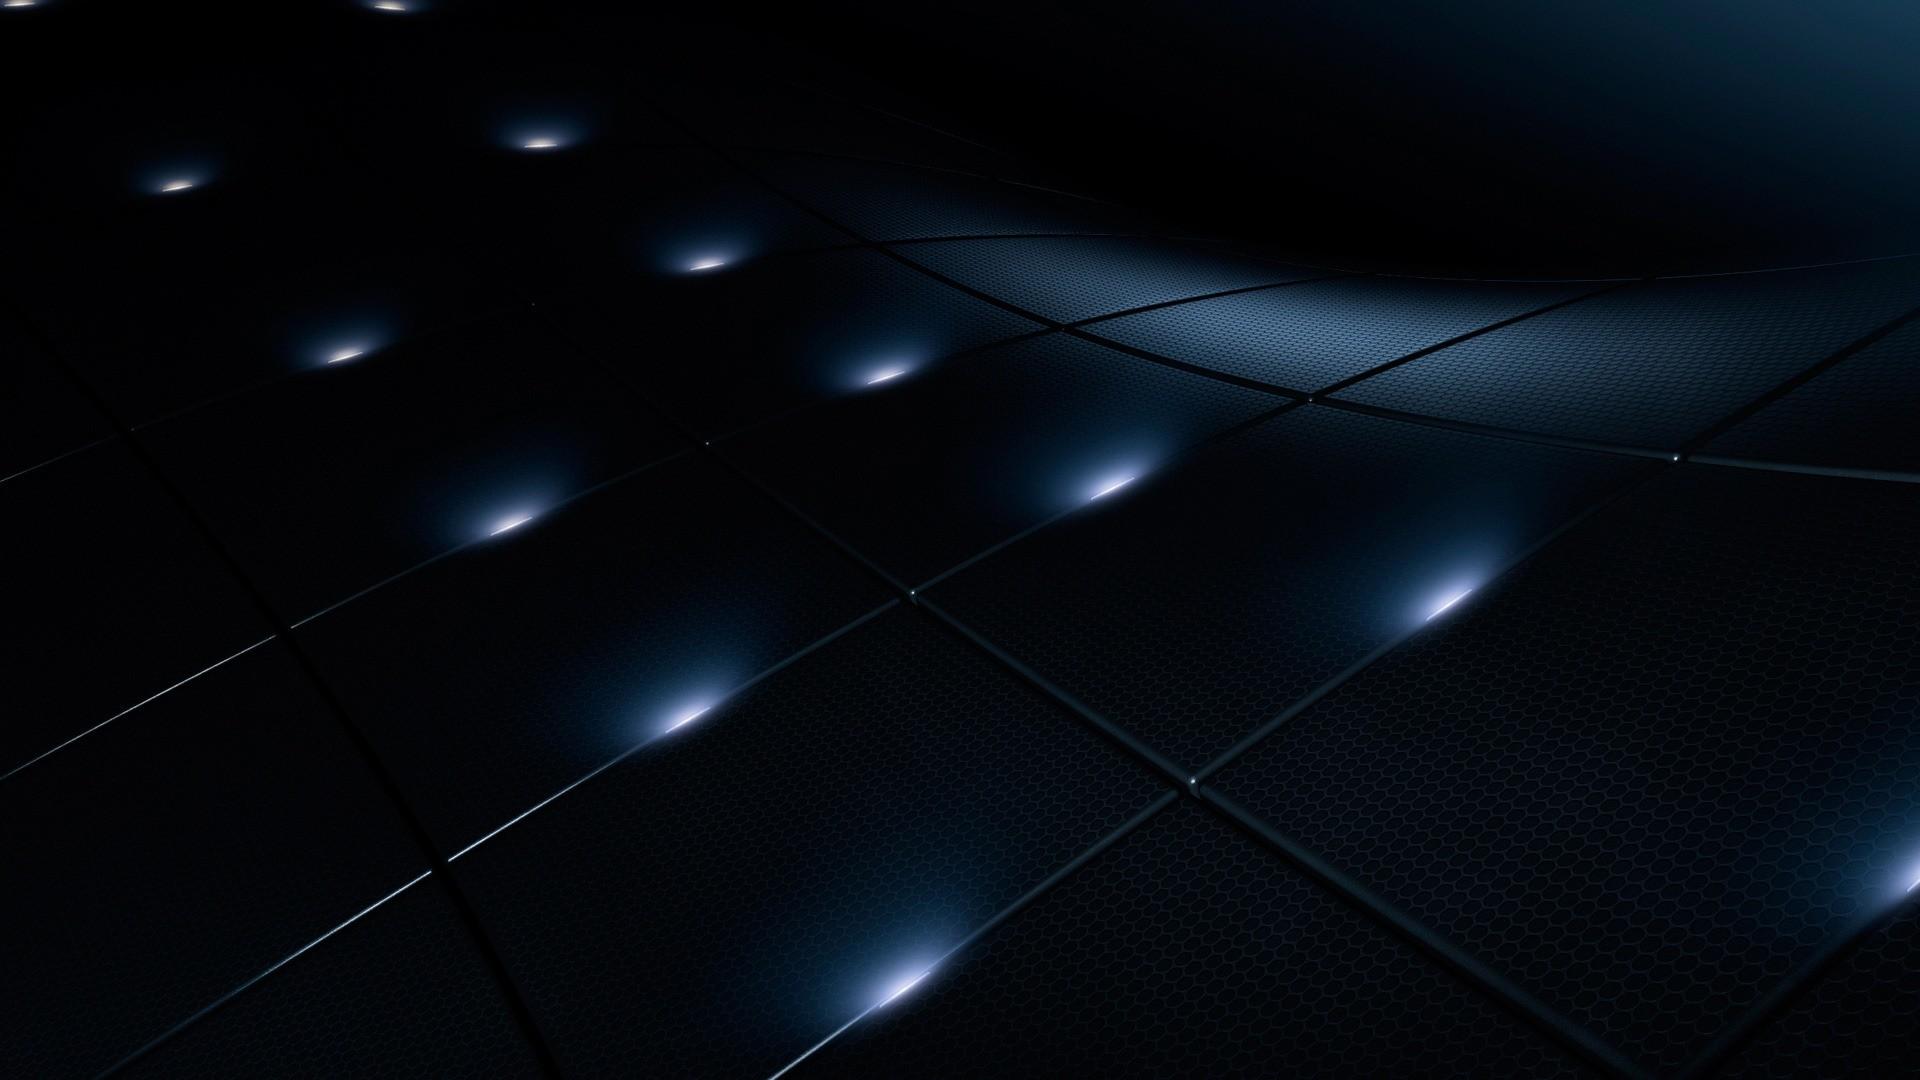 Carbon Fiber Wallpaper 1920x1080 (73+ Images